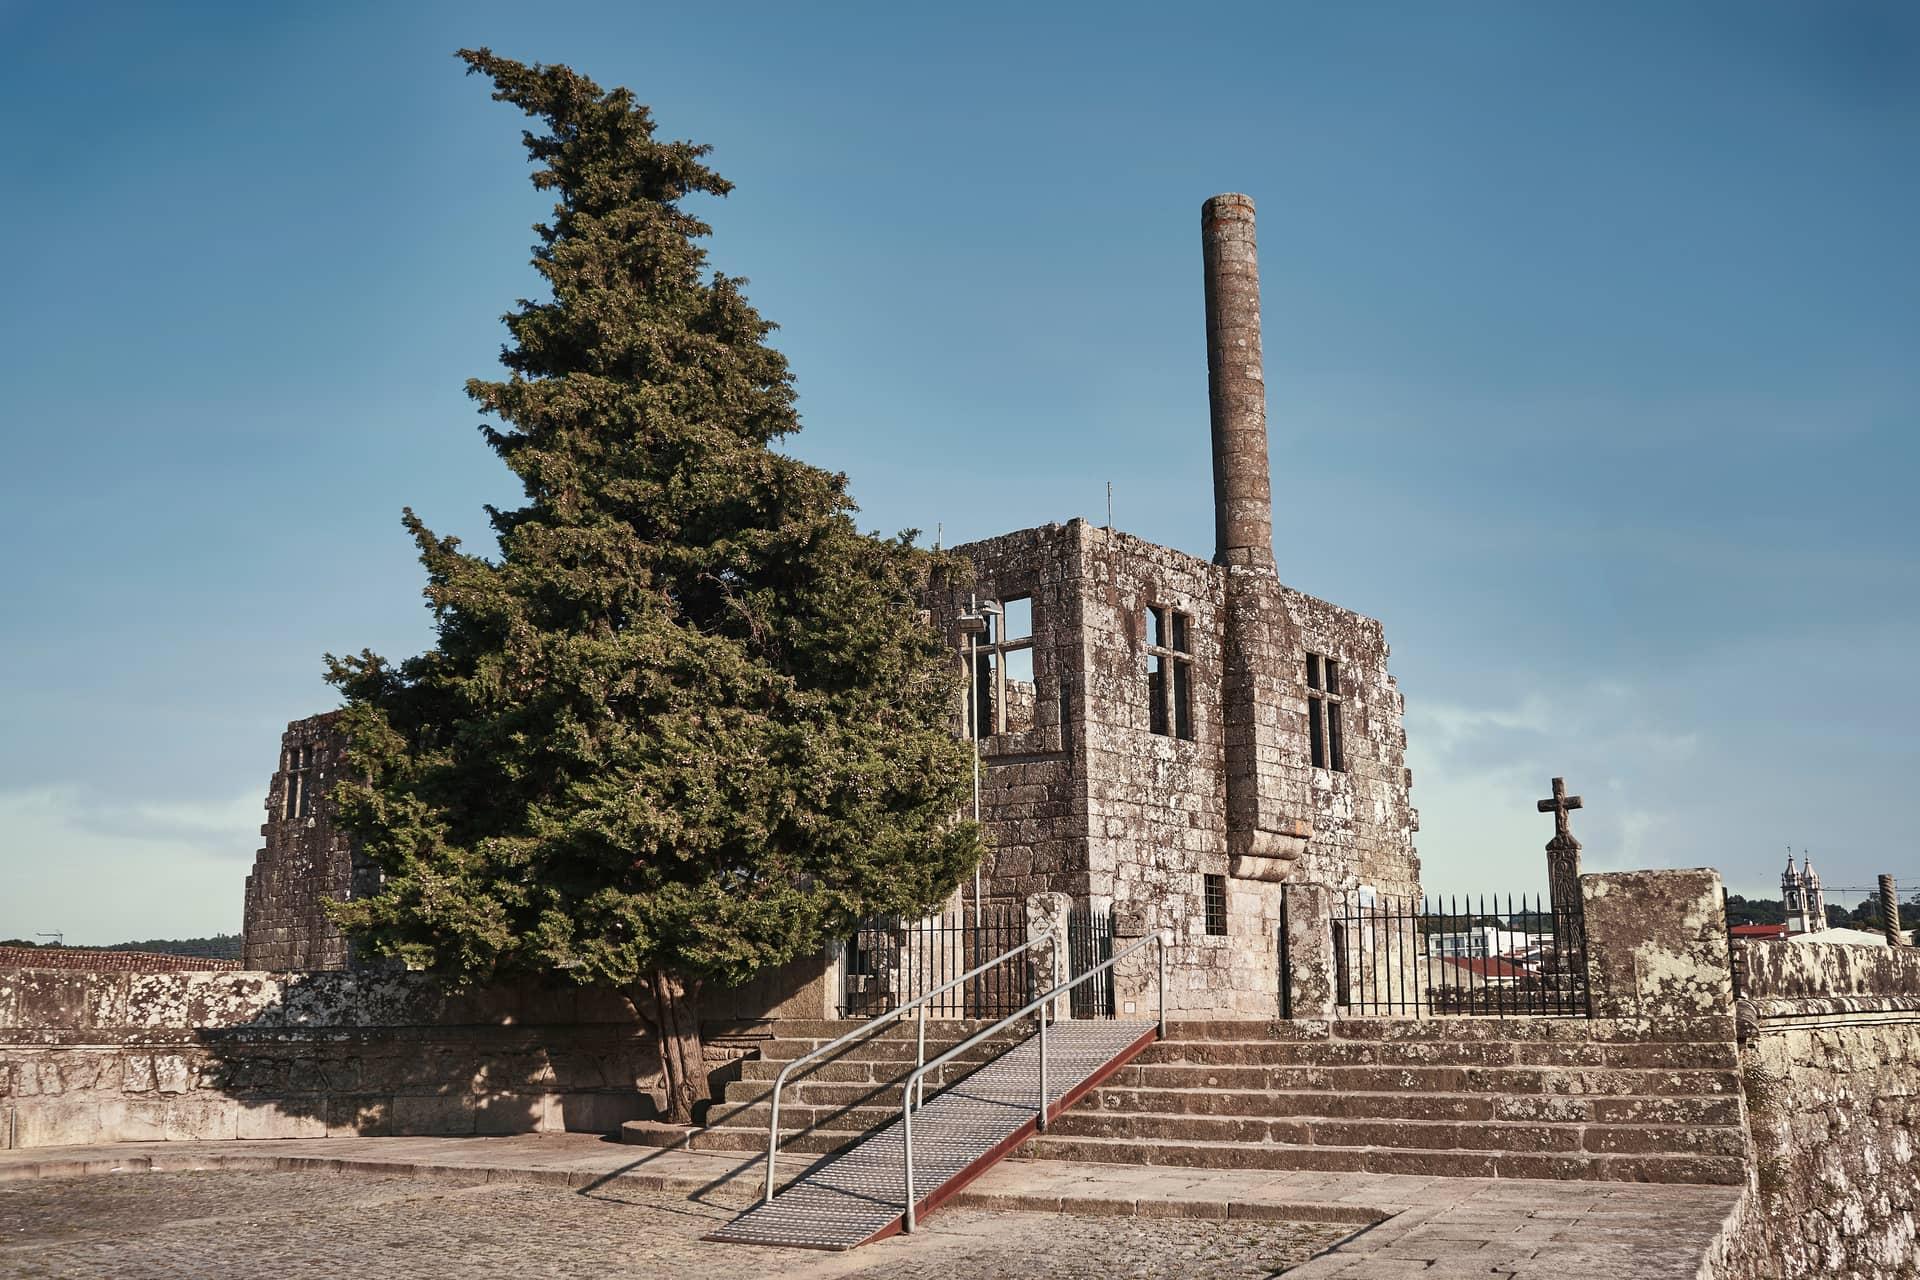 Imagem: Cruzeiro do Galo, onde surgiu a lenda do Galo de Barcelos e atual Museu Arqueológico da cidade.